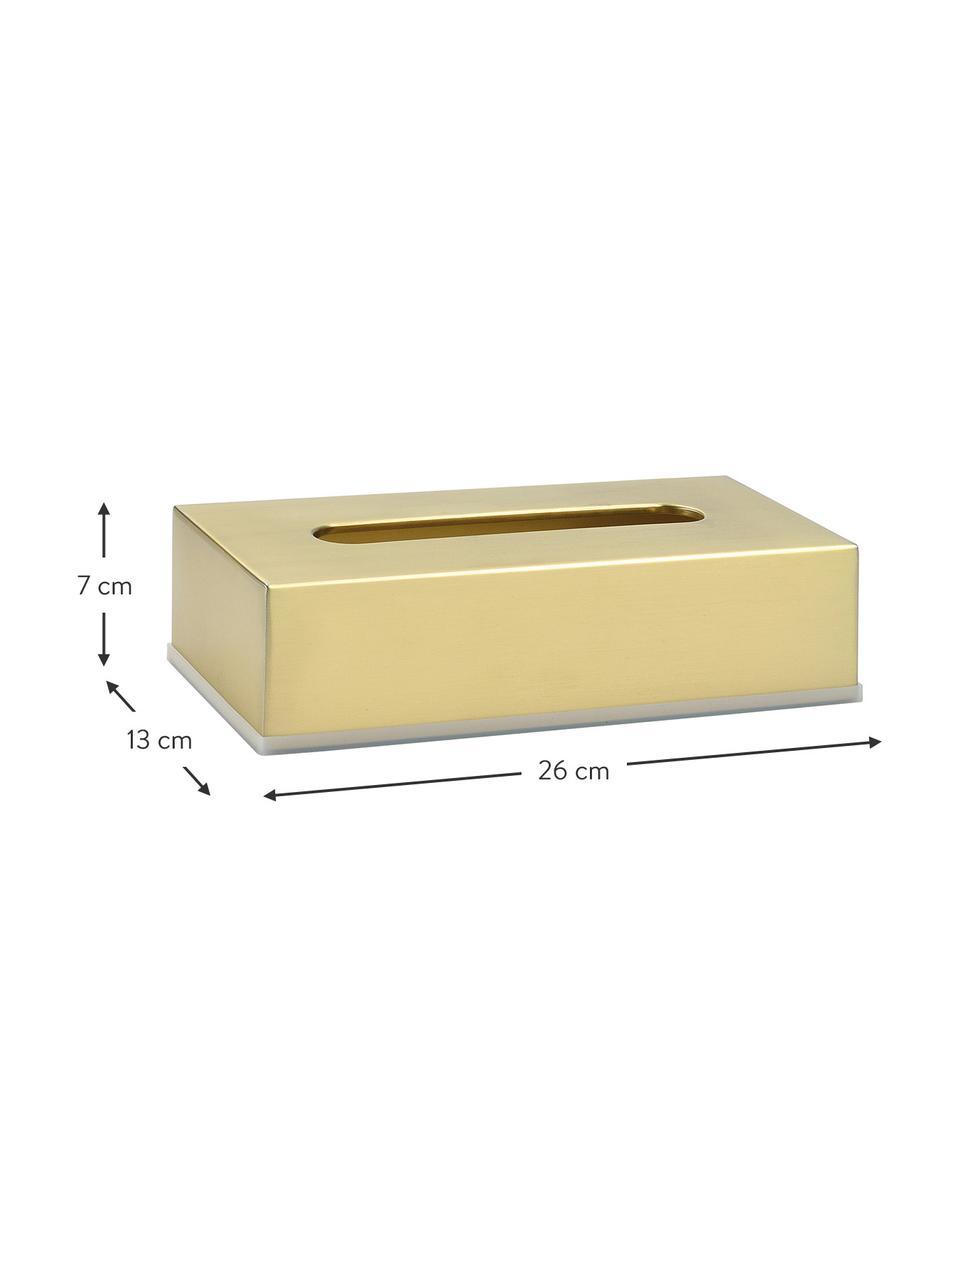 Pudełko na chusteczki Acton, Stal nierdzewna, powlekana, Odcienie mosiądzu, S 26 x W 7 cm